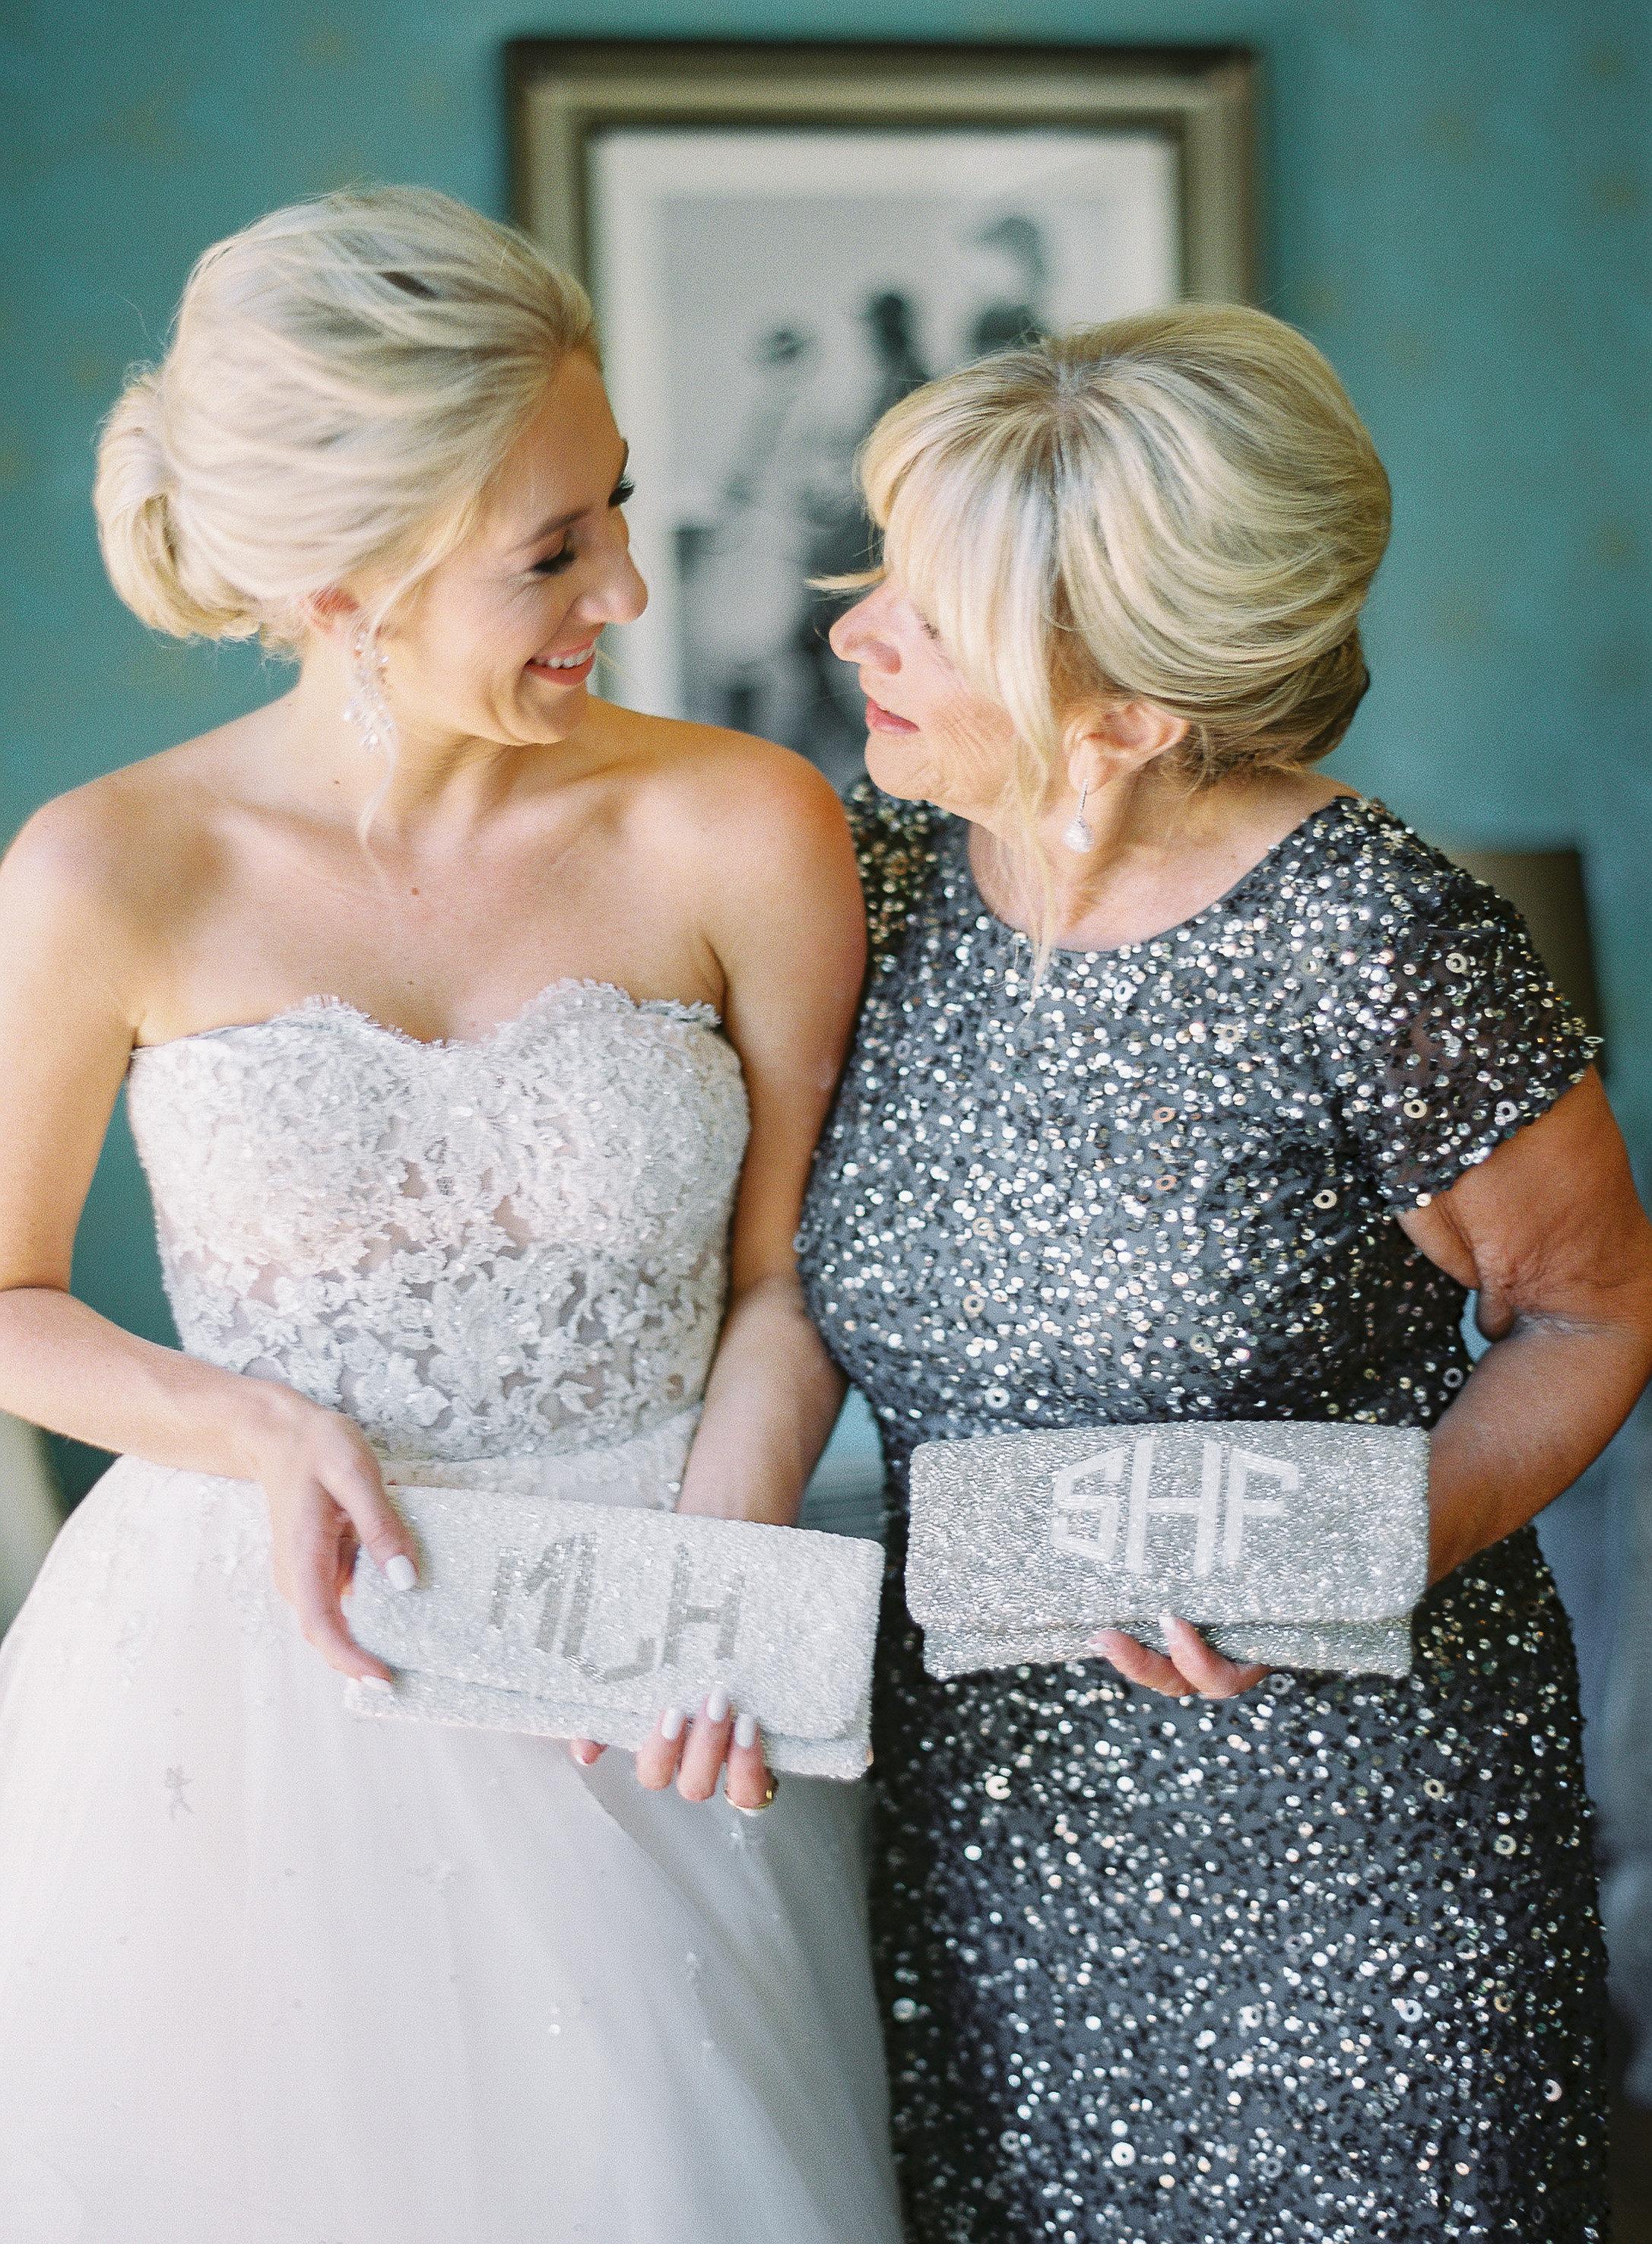 sparkling purses mom and bride